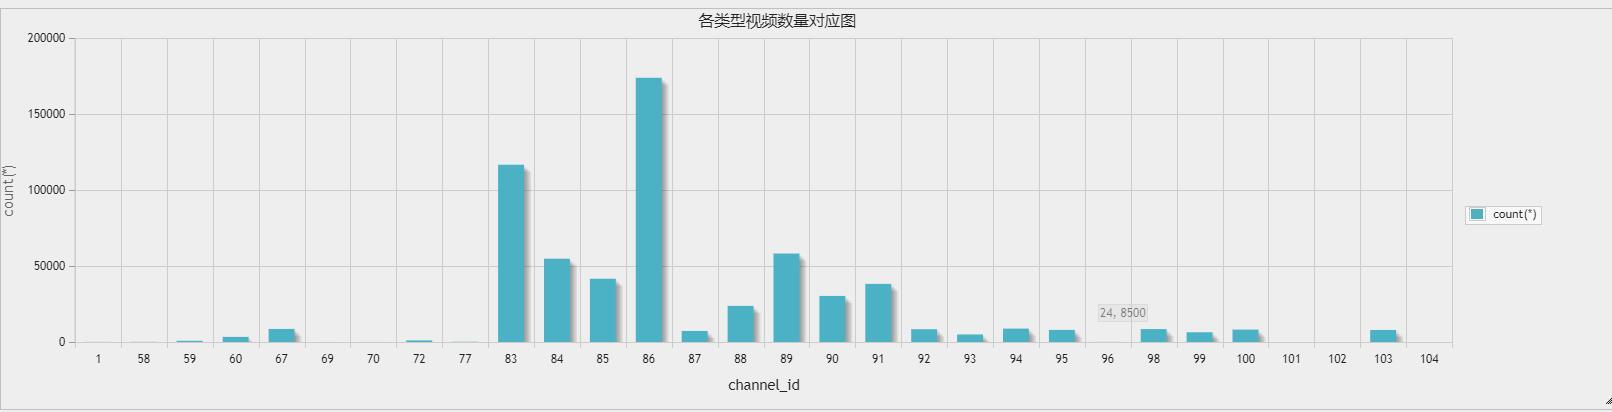 各类别视频数量统计图